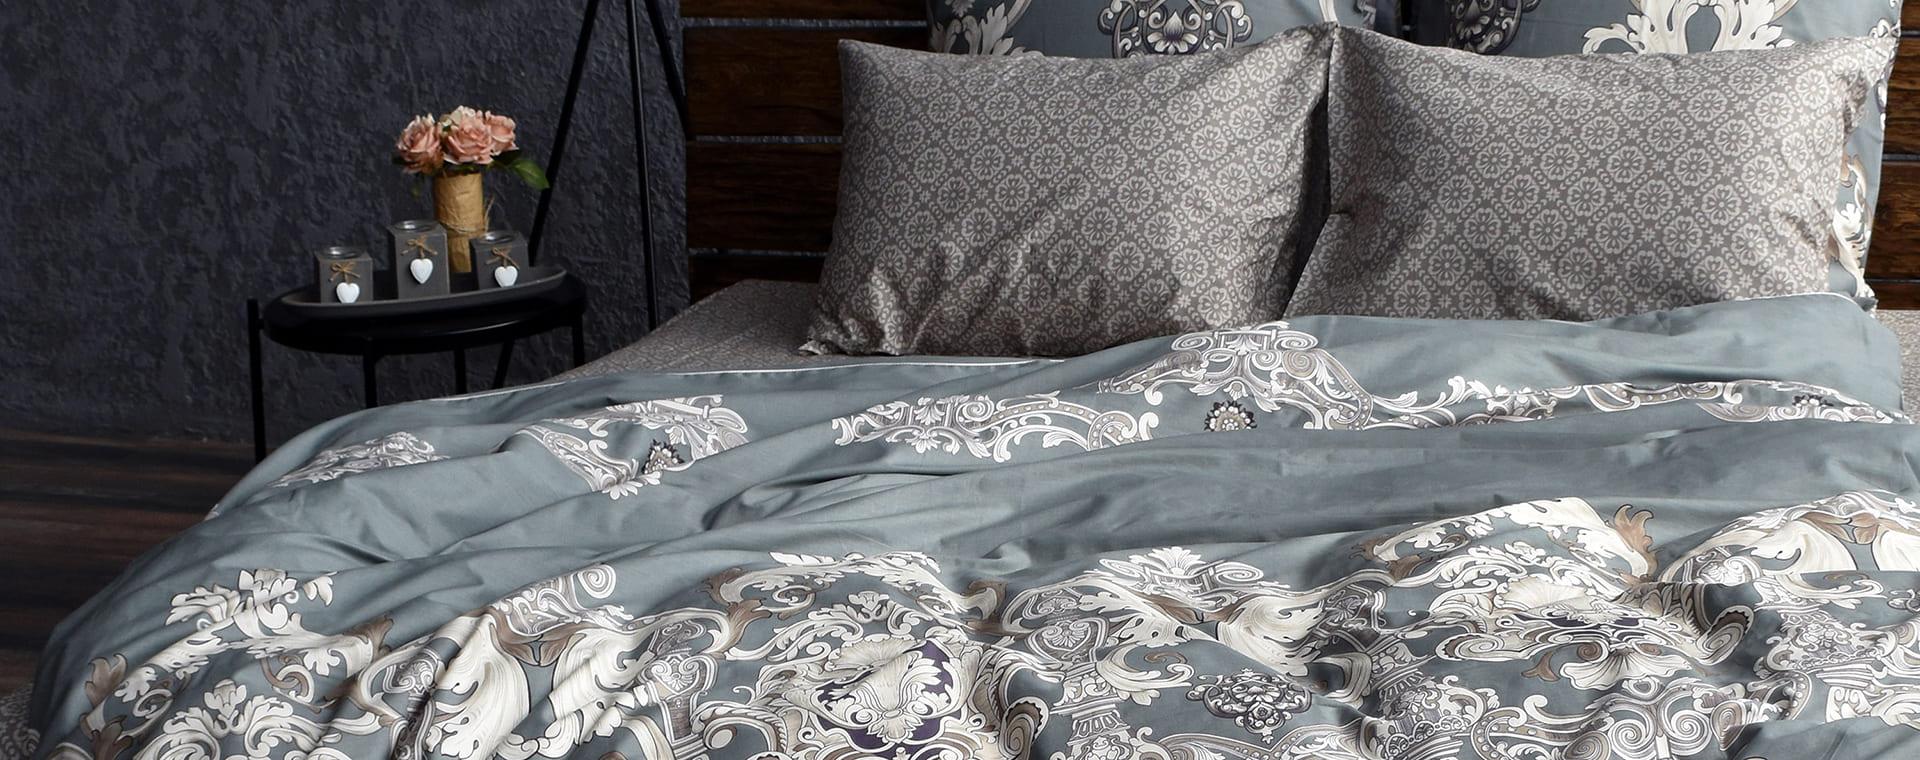 Новая коллекция постельного белья Cтрайп-сатин 2021